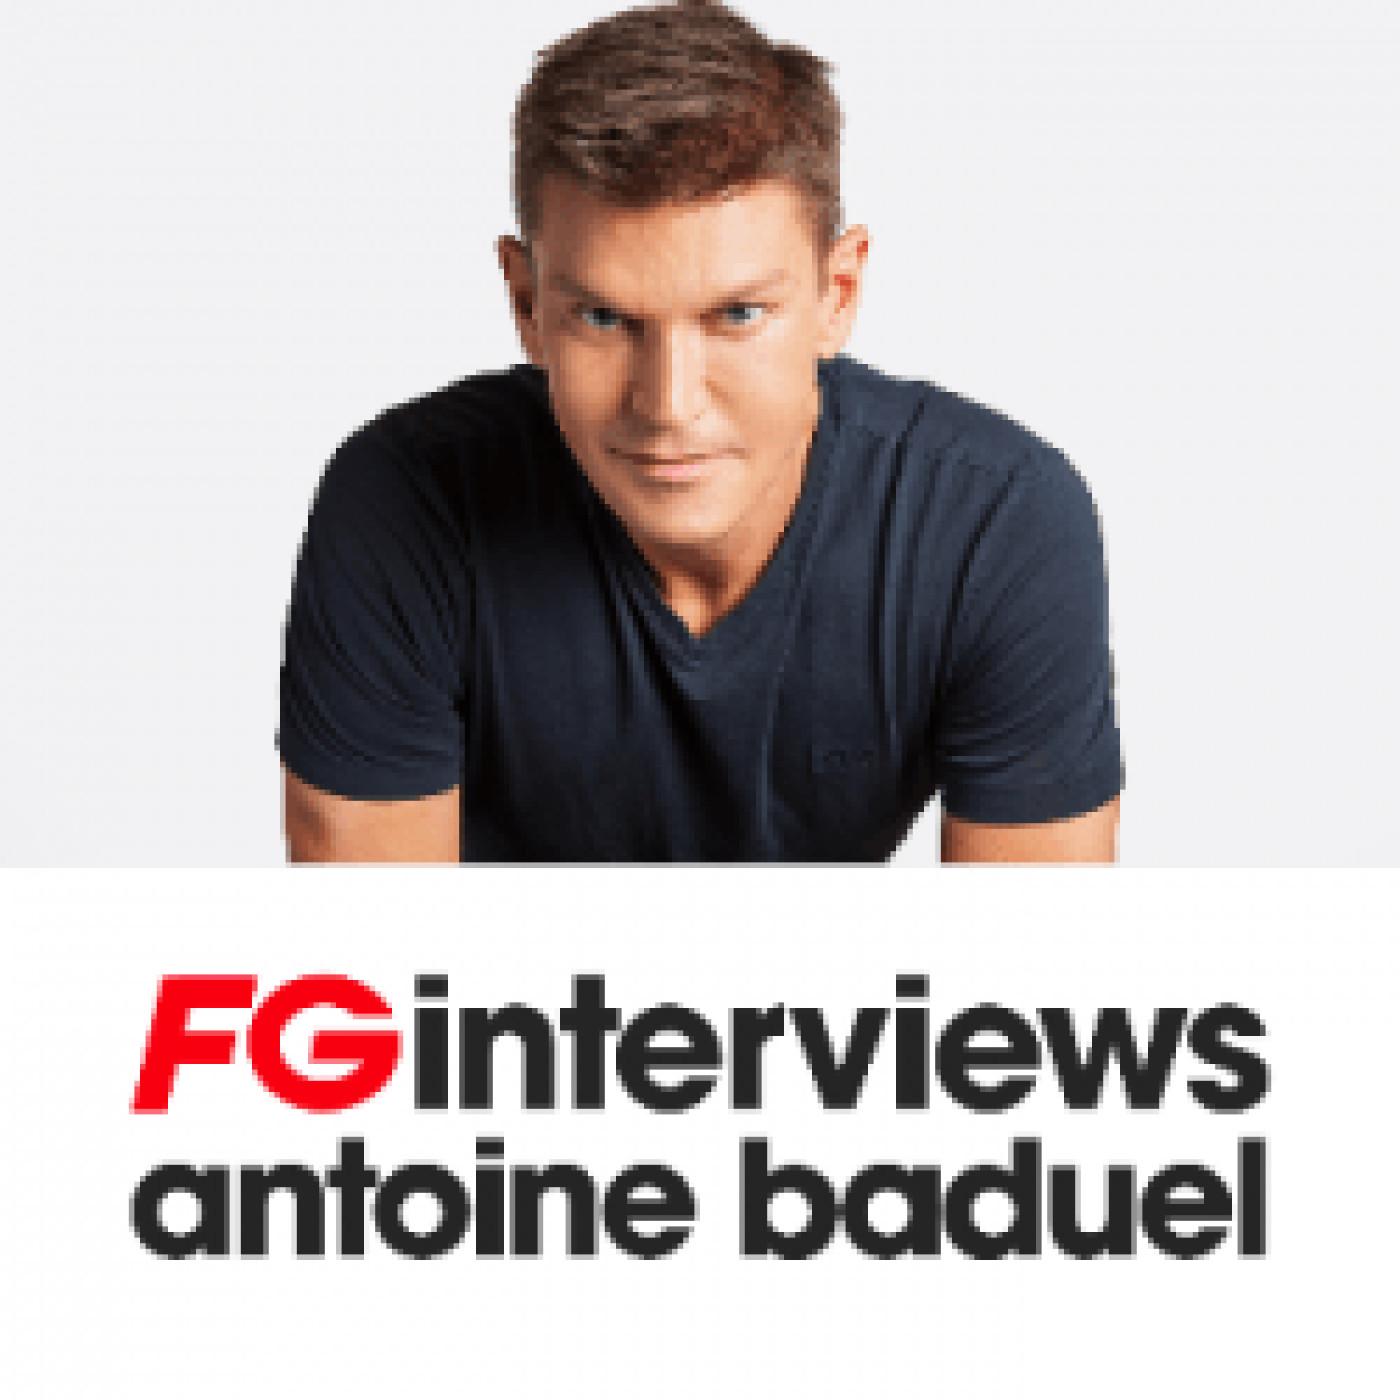 L'INTERVIEW DES SOFI TUKKER DANS L'HAPPY HOUR FG